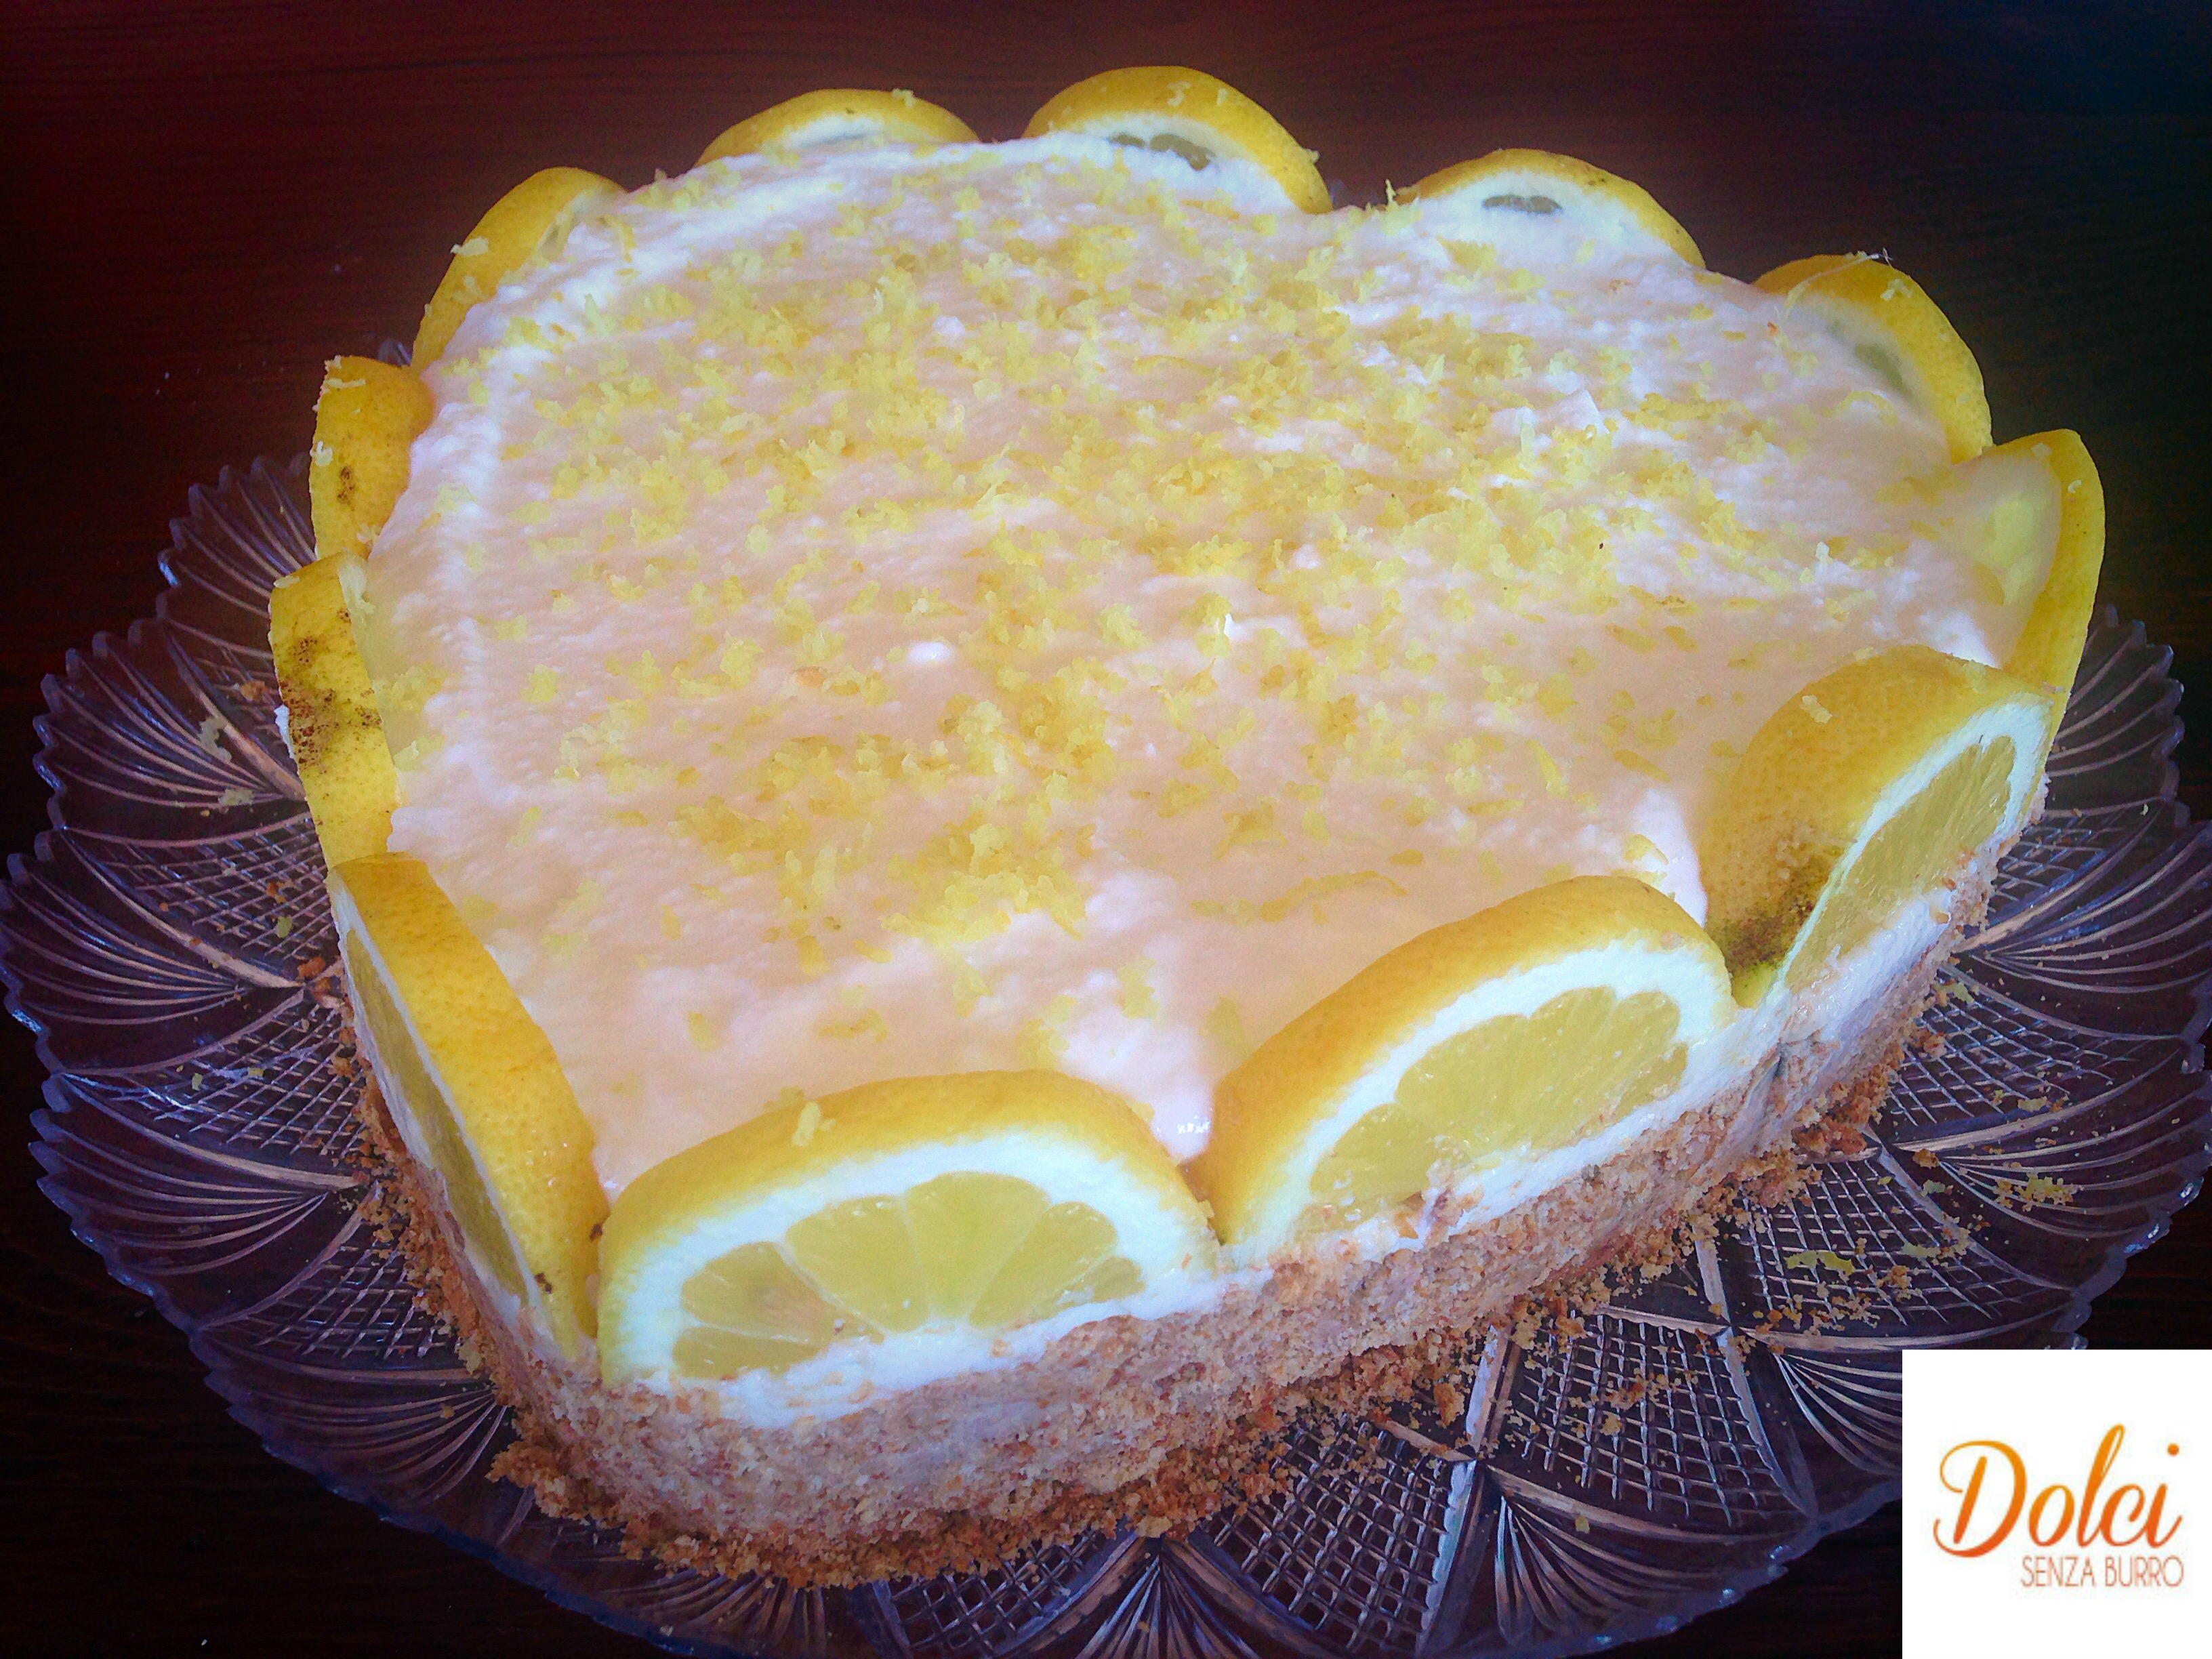 Torta Fredda al Limone Senza Burro, il dolce fresco e goloso di dolci senza burro